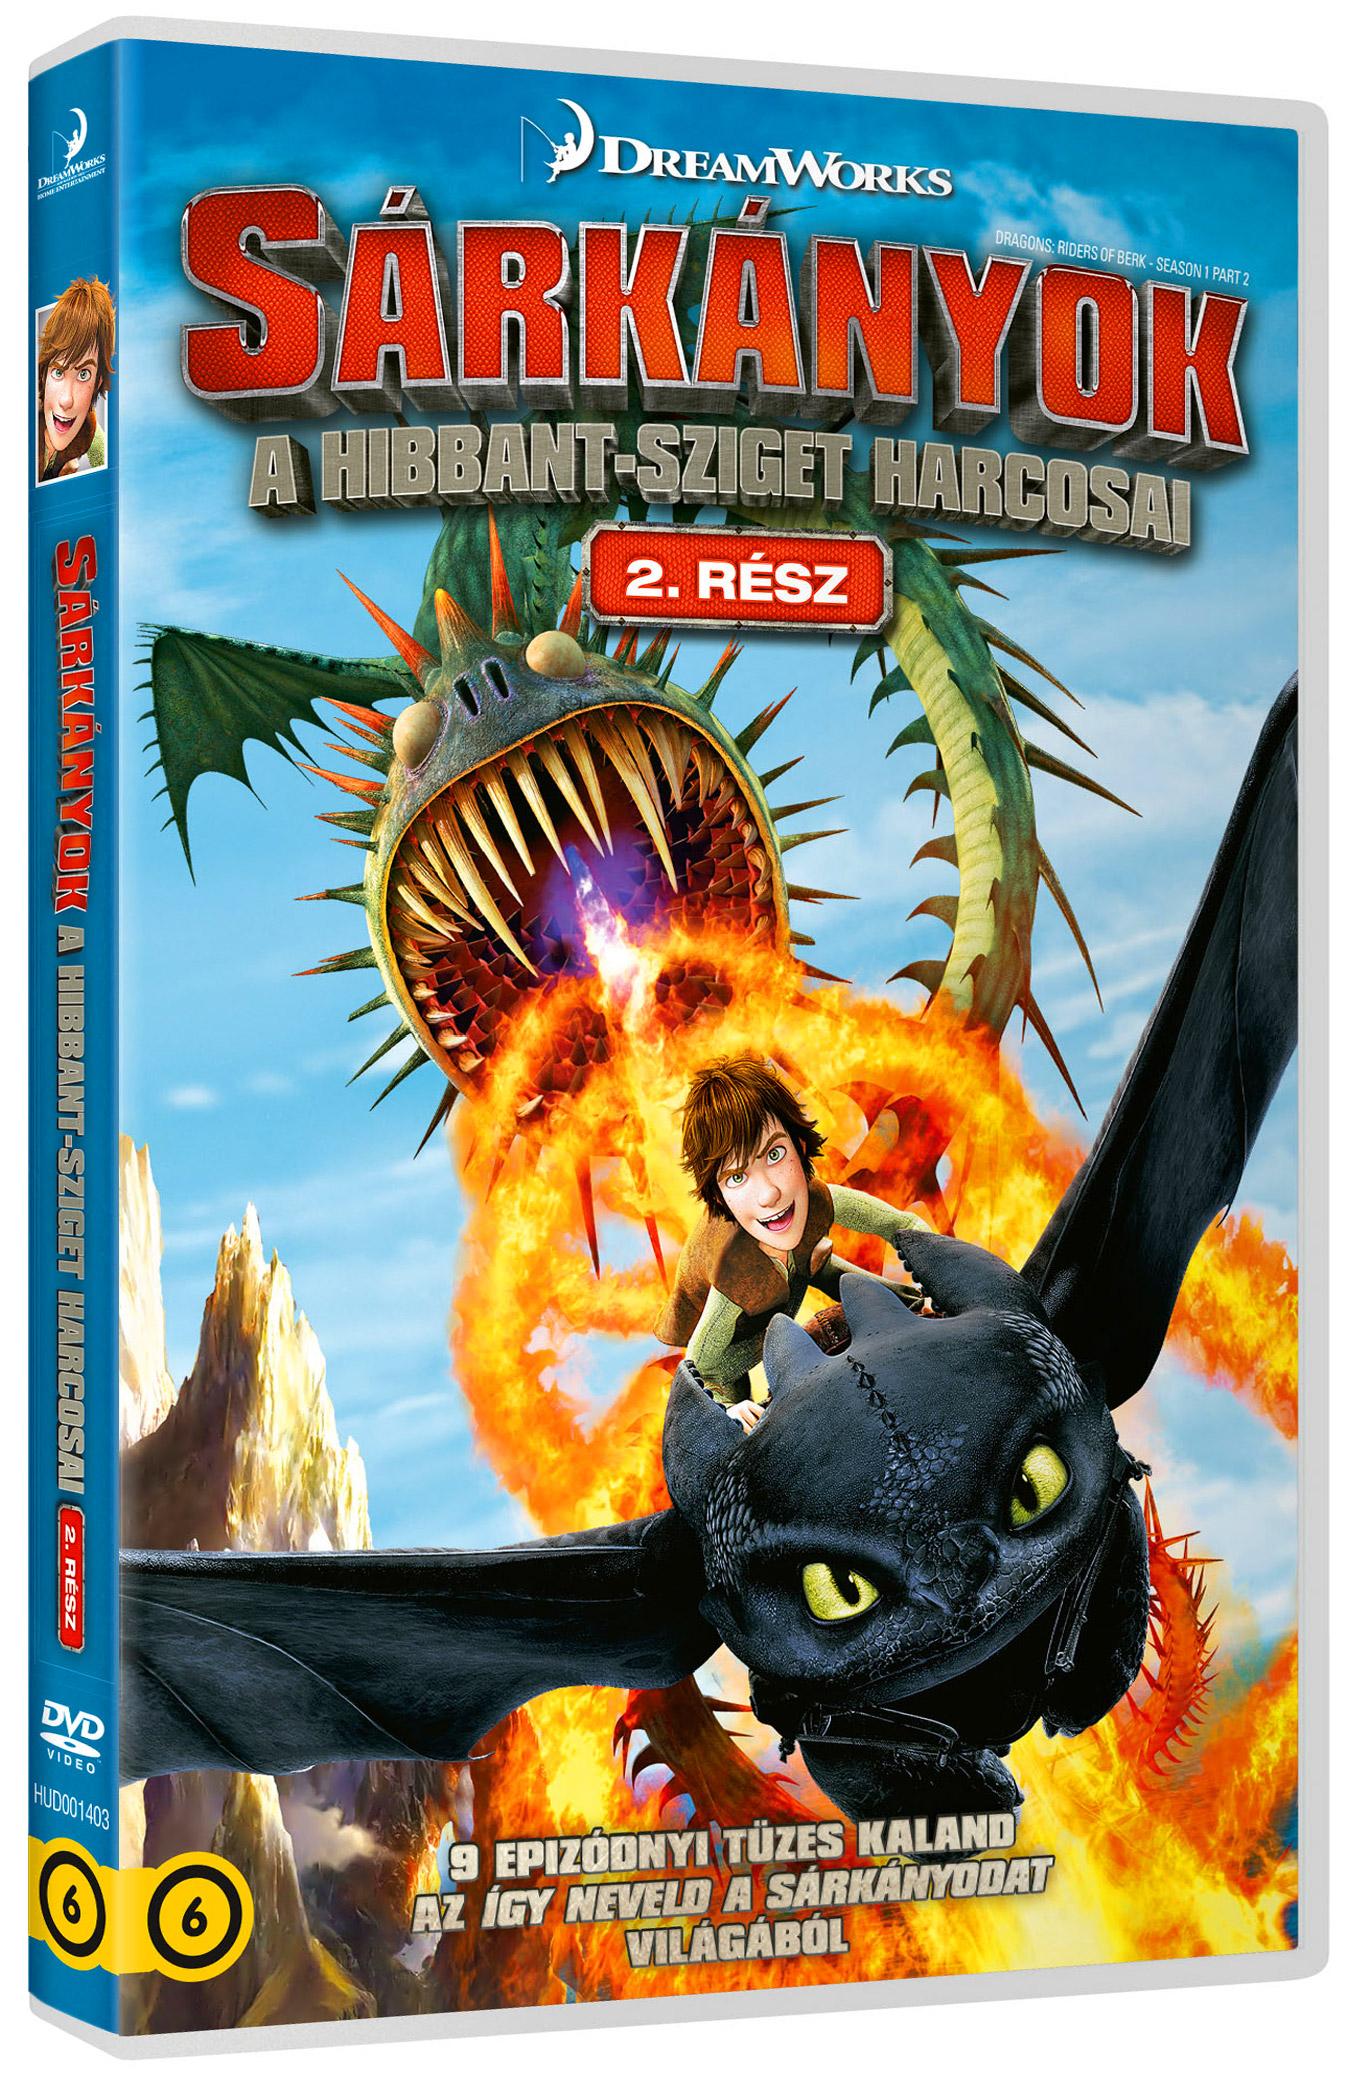 Sárkányok: A Hibbant-sziget harcosai - 2. rész (2 DVD) DVD